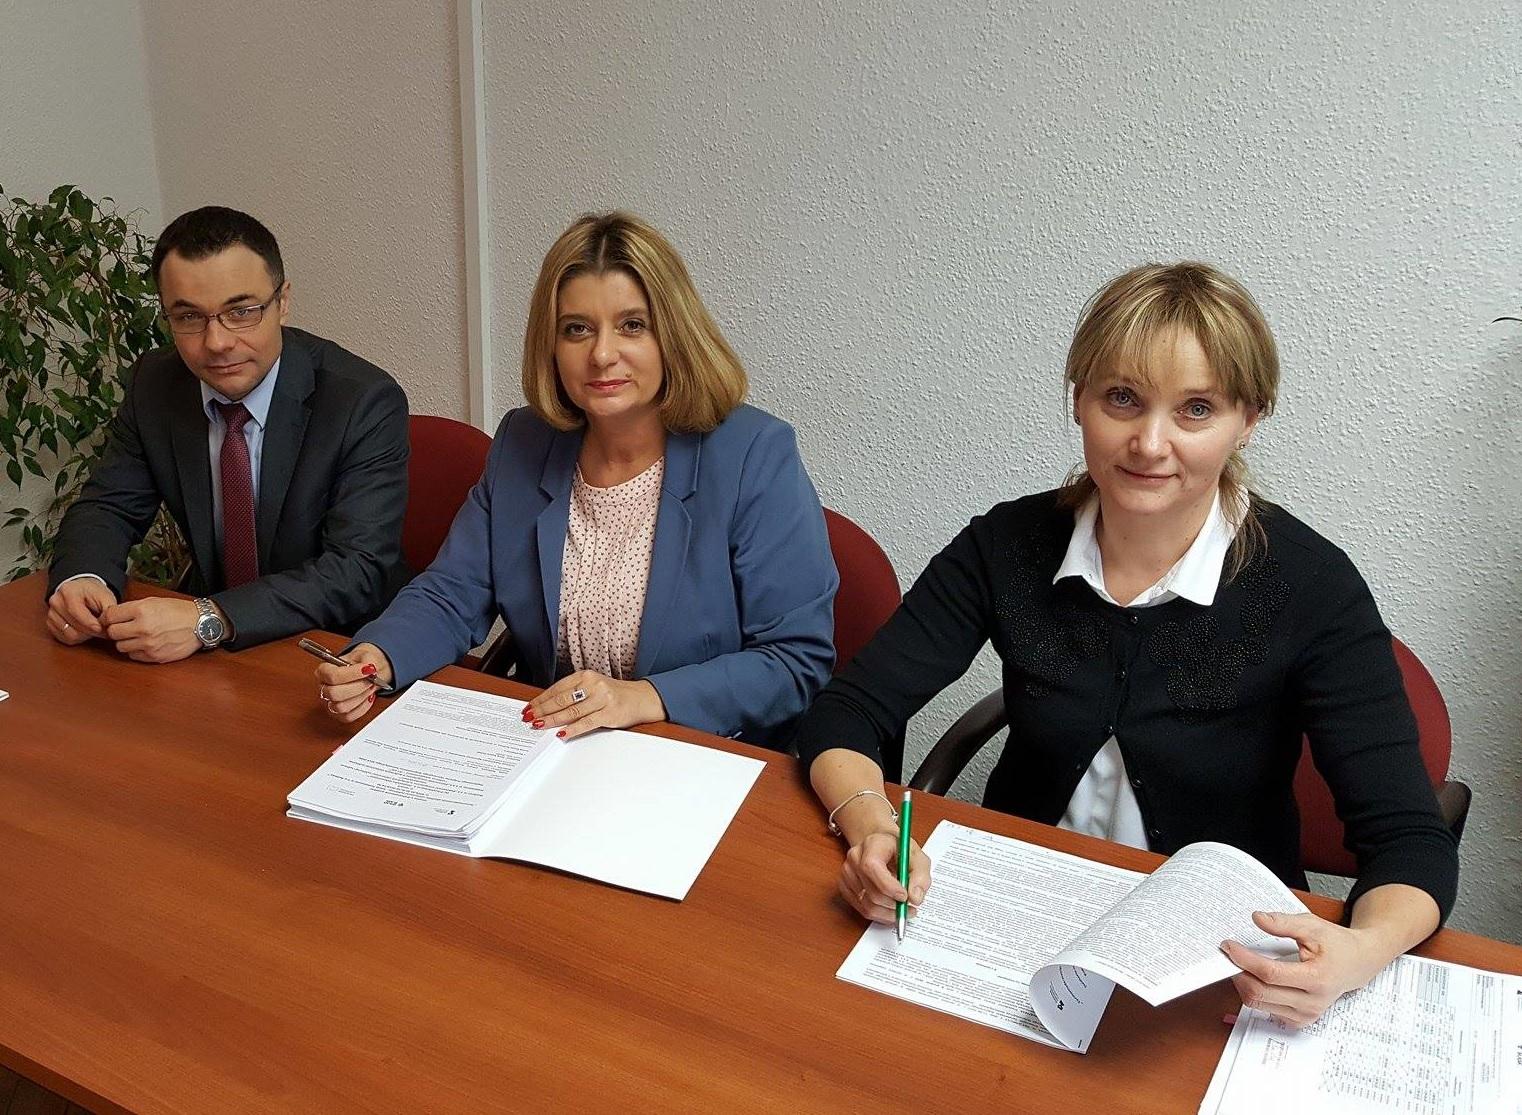 Świdnica podpisała pierwszą umowę z Instytucją Pośredniczącą Aglomeracji Wałbrzyskiej. (fot. UM Świdnica)